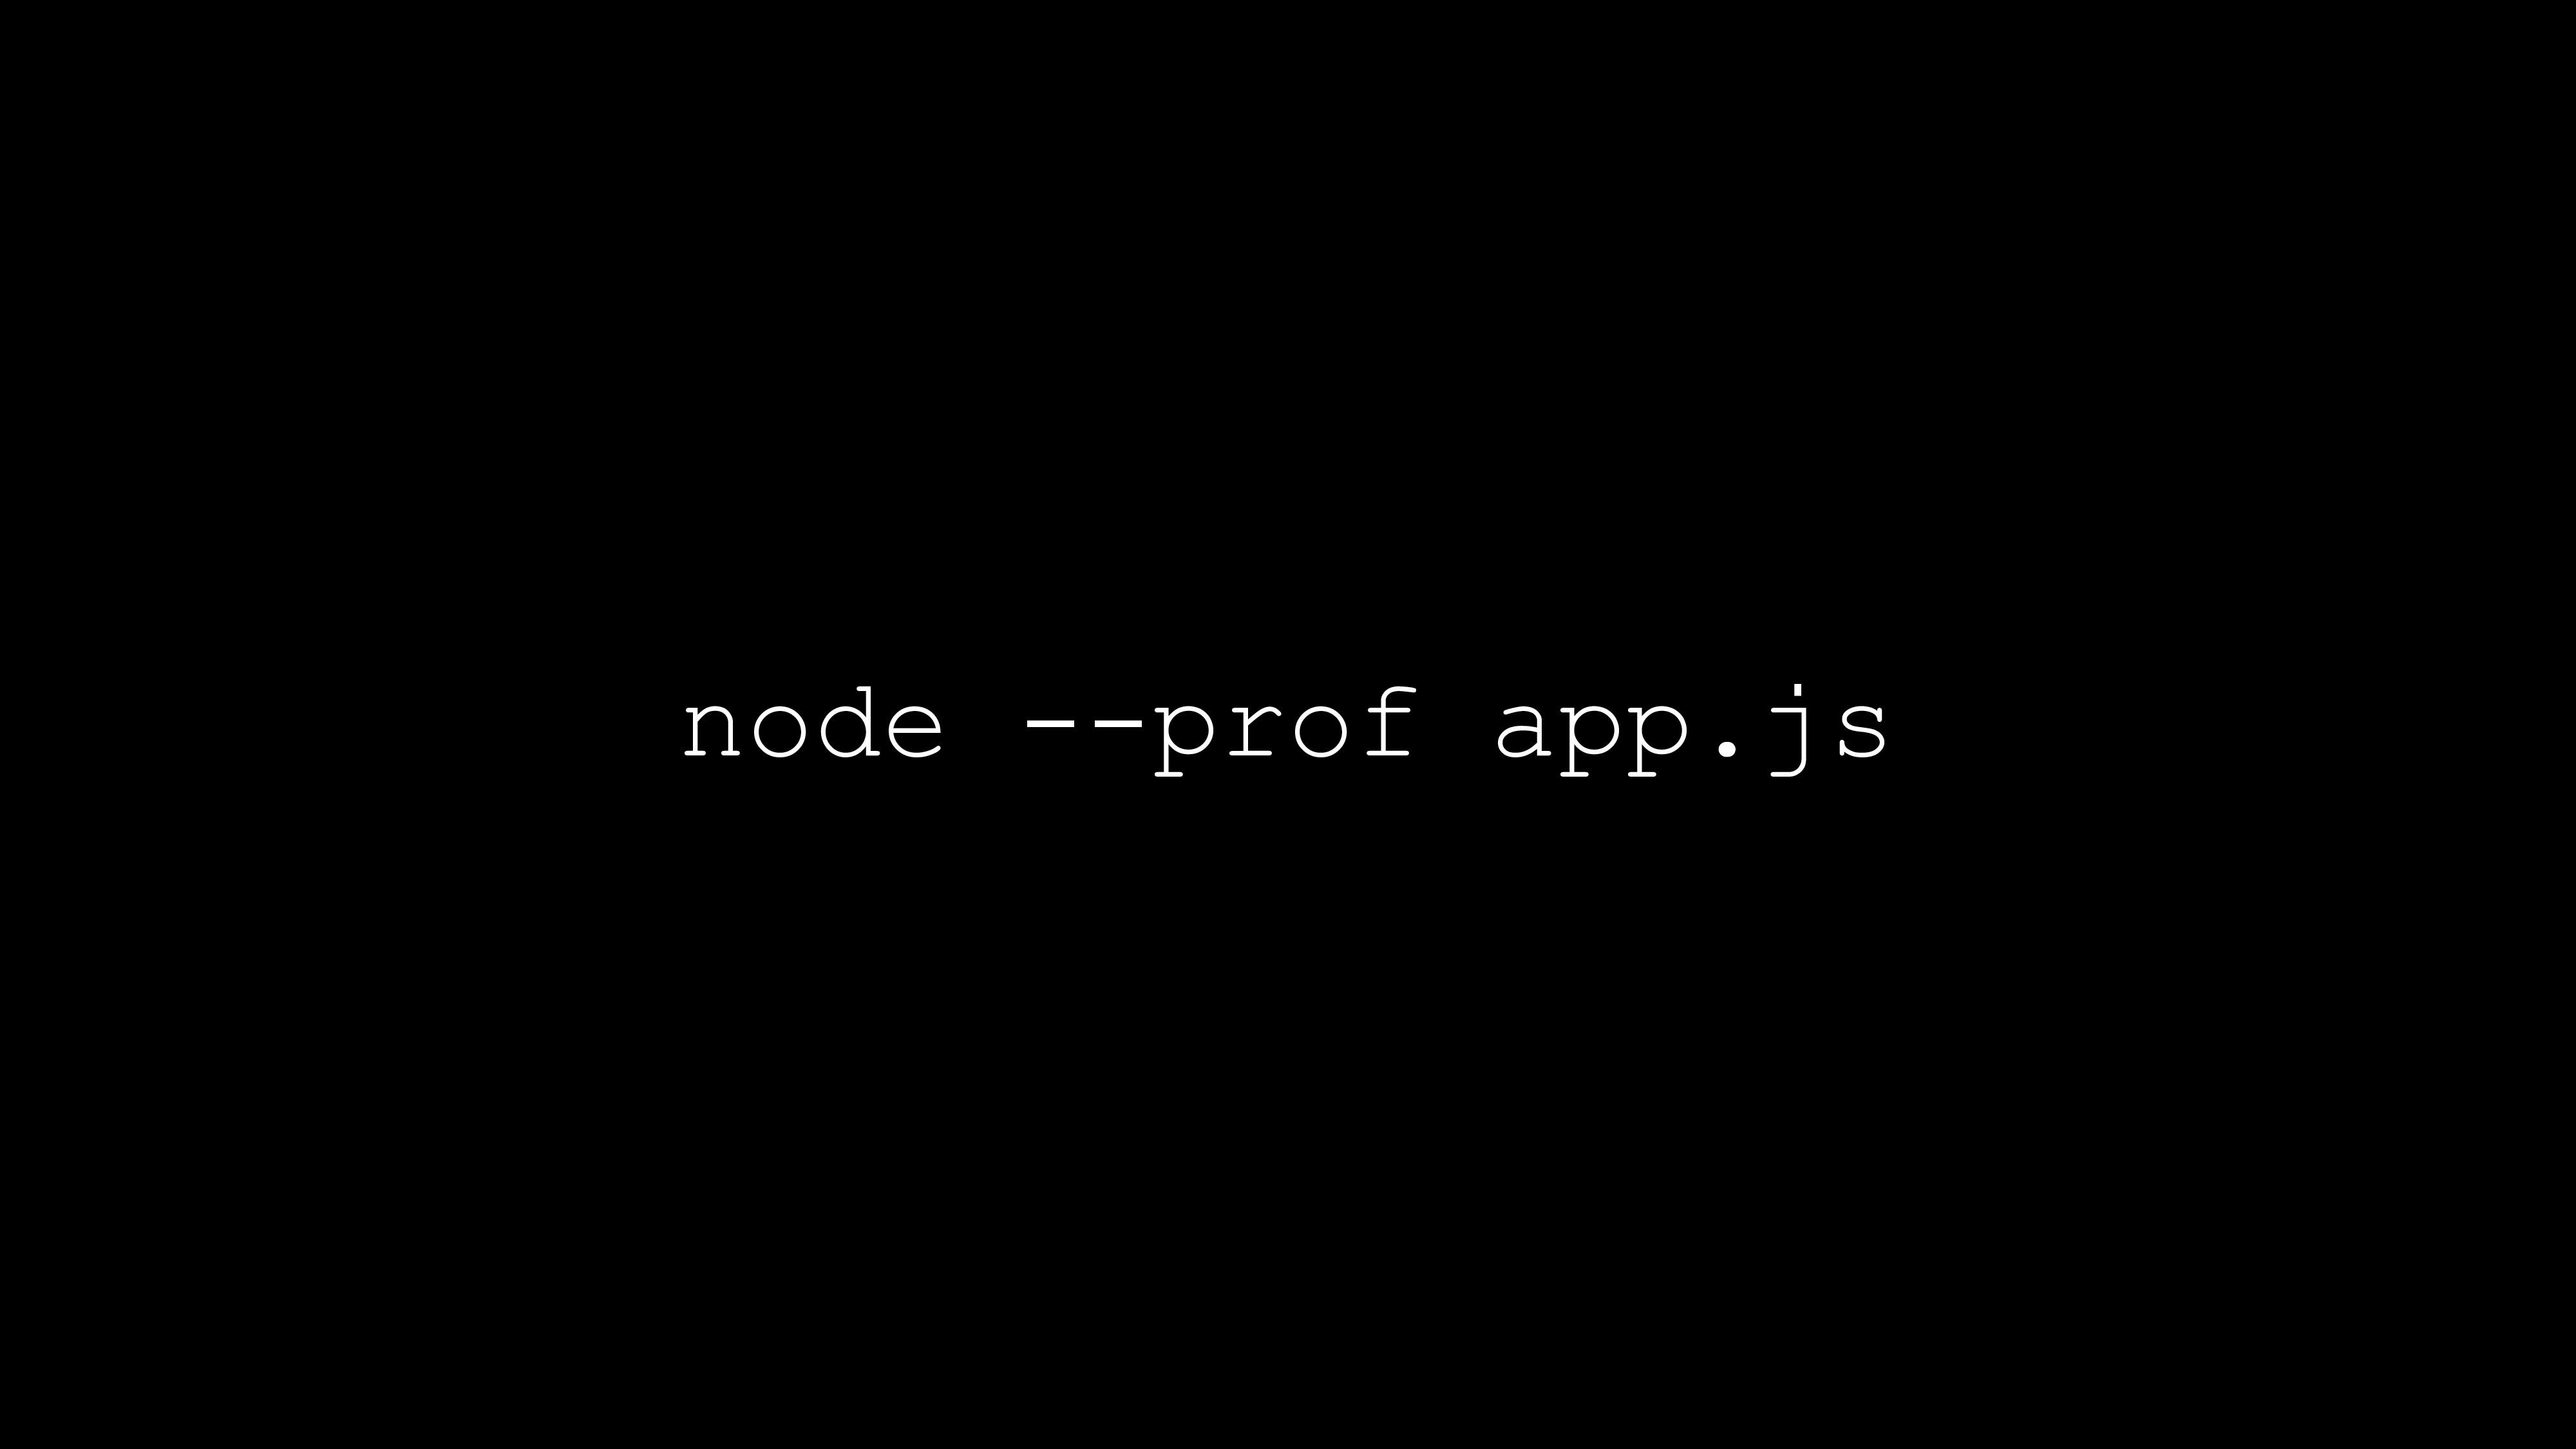 node --prof app.js